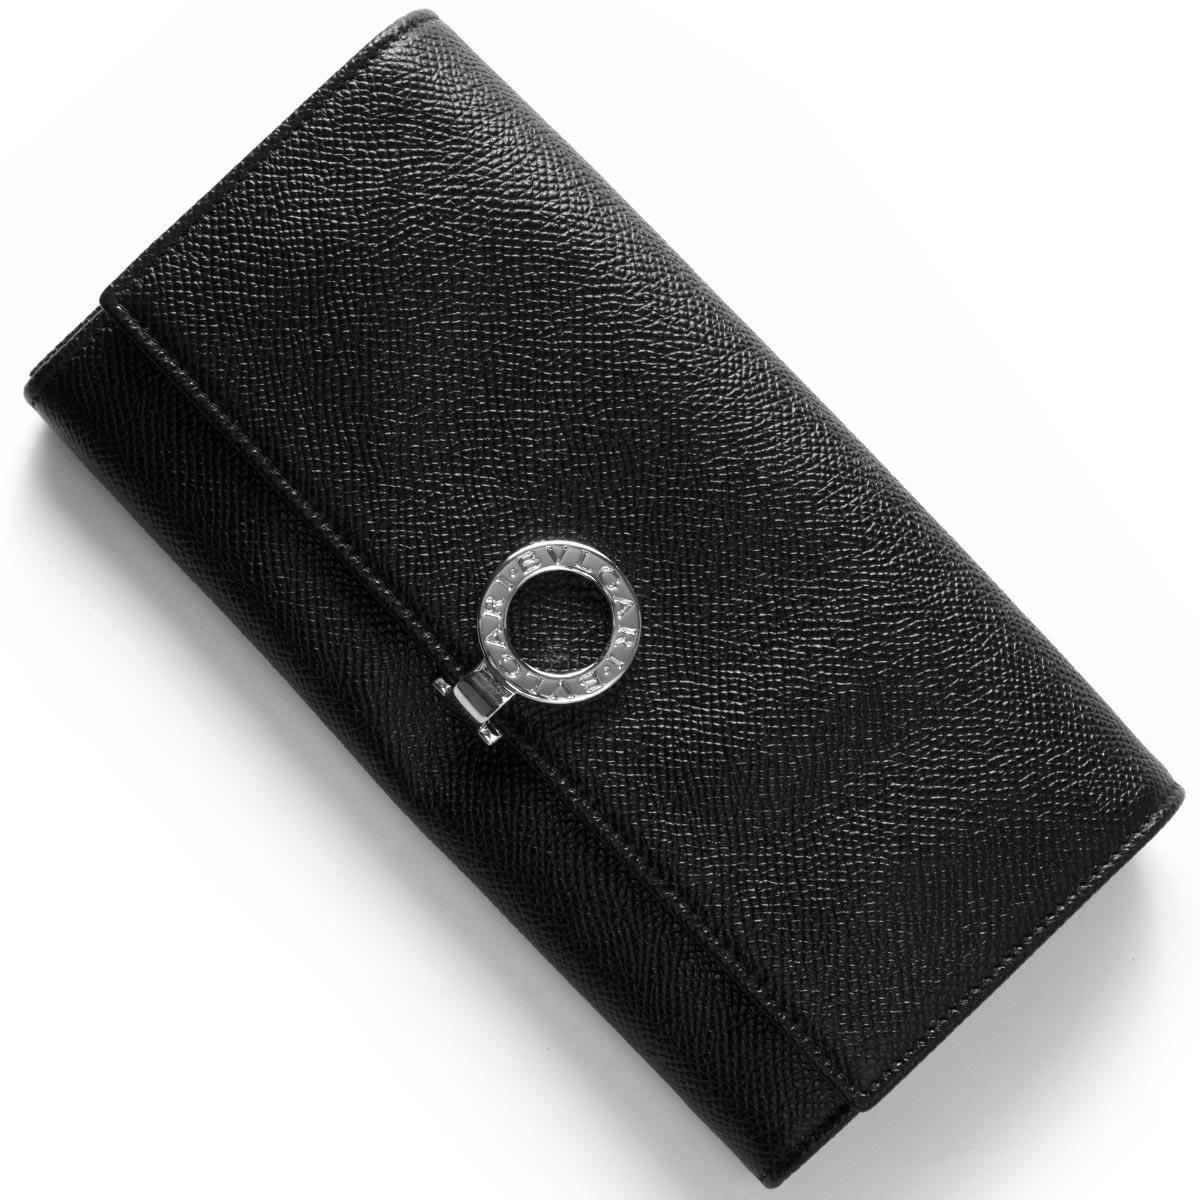 【1,000円OFFクーポン対象】ブルガリ 長財布 財布 メンズ レディース ブルガリブルガリ ブラック 30414 BVLGARI